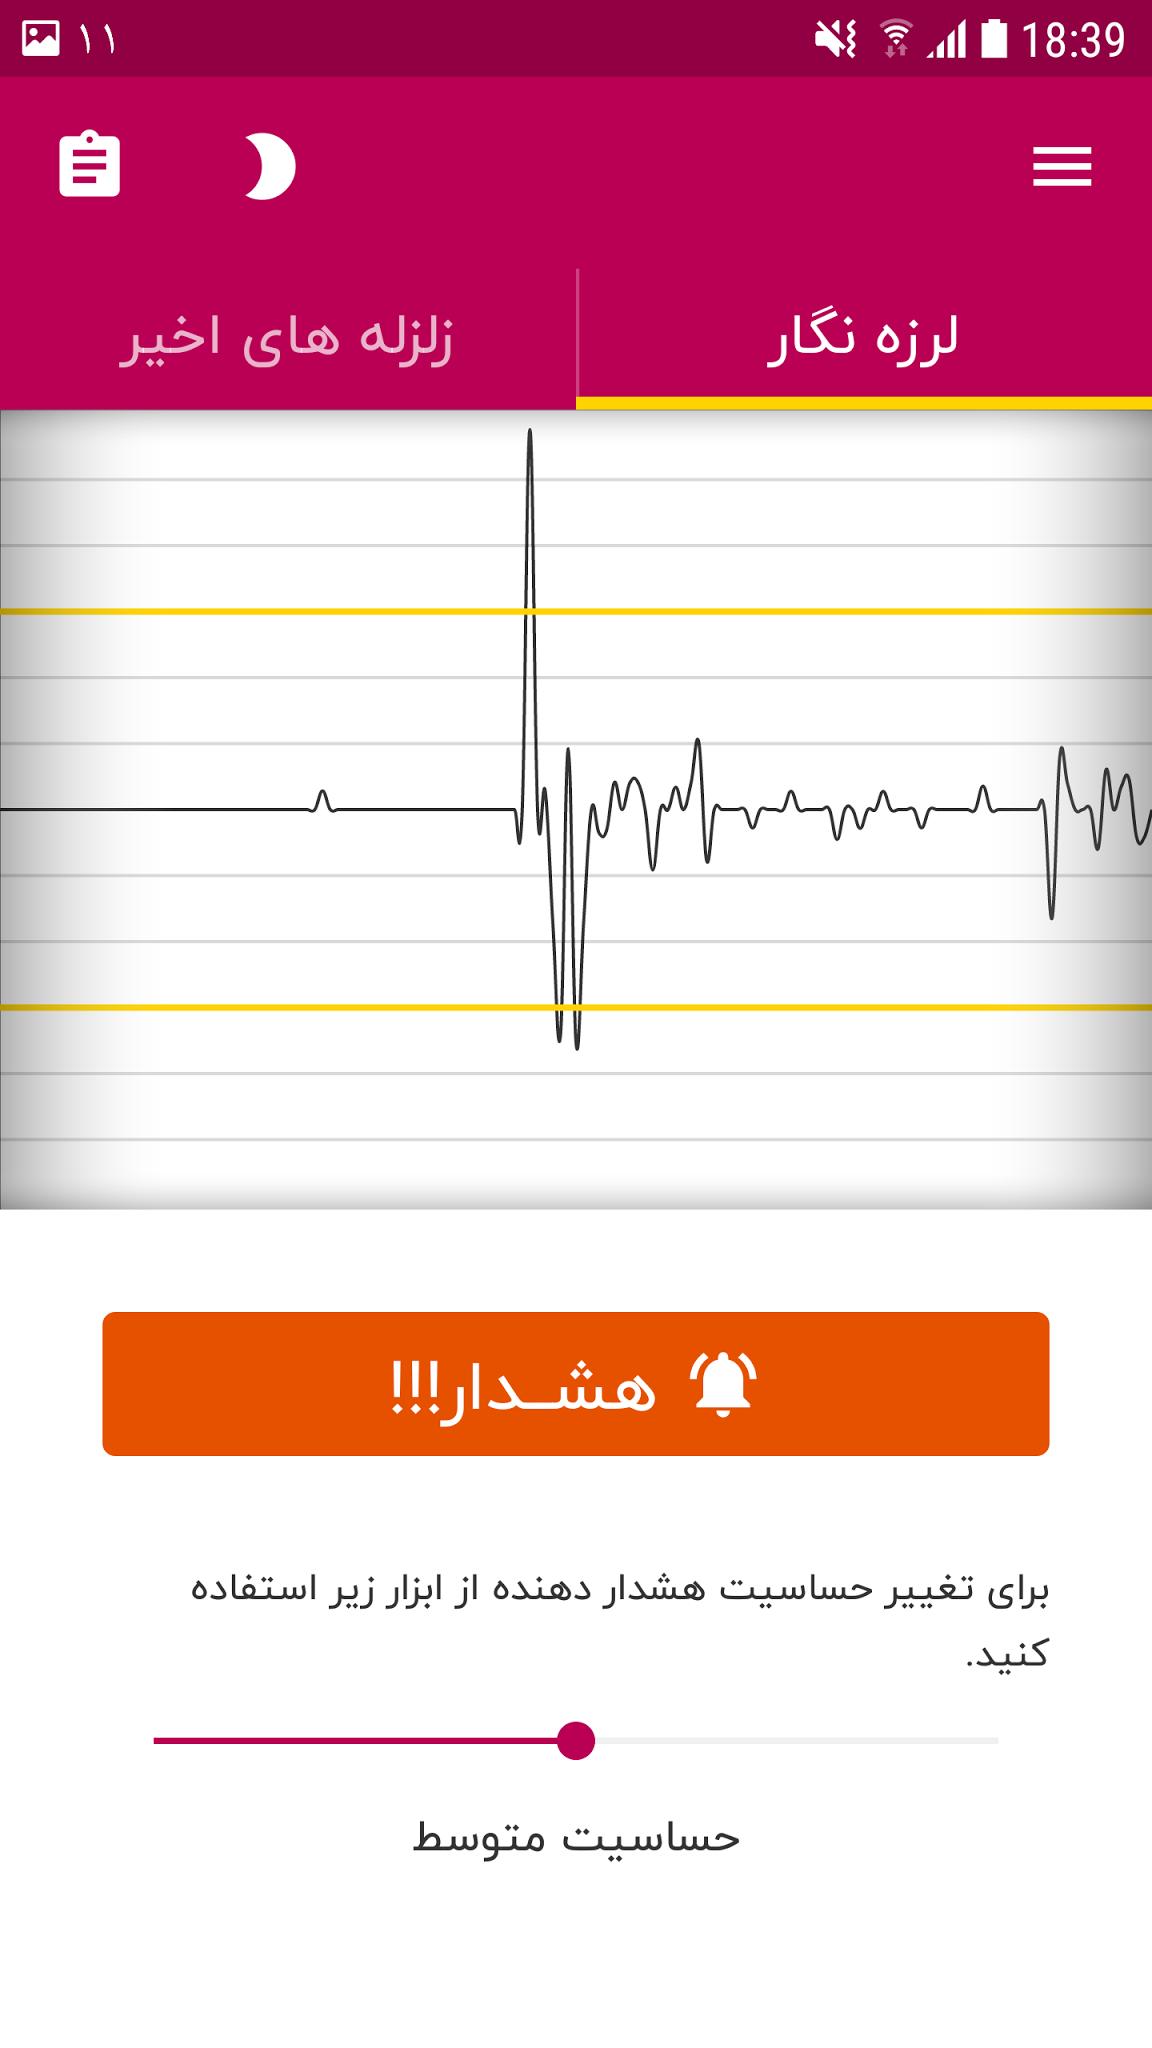 تصویر 4 زلزله نگار